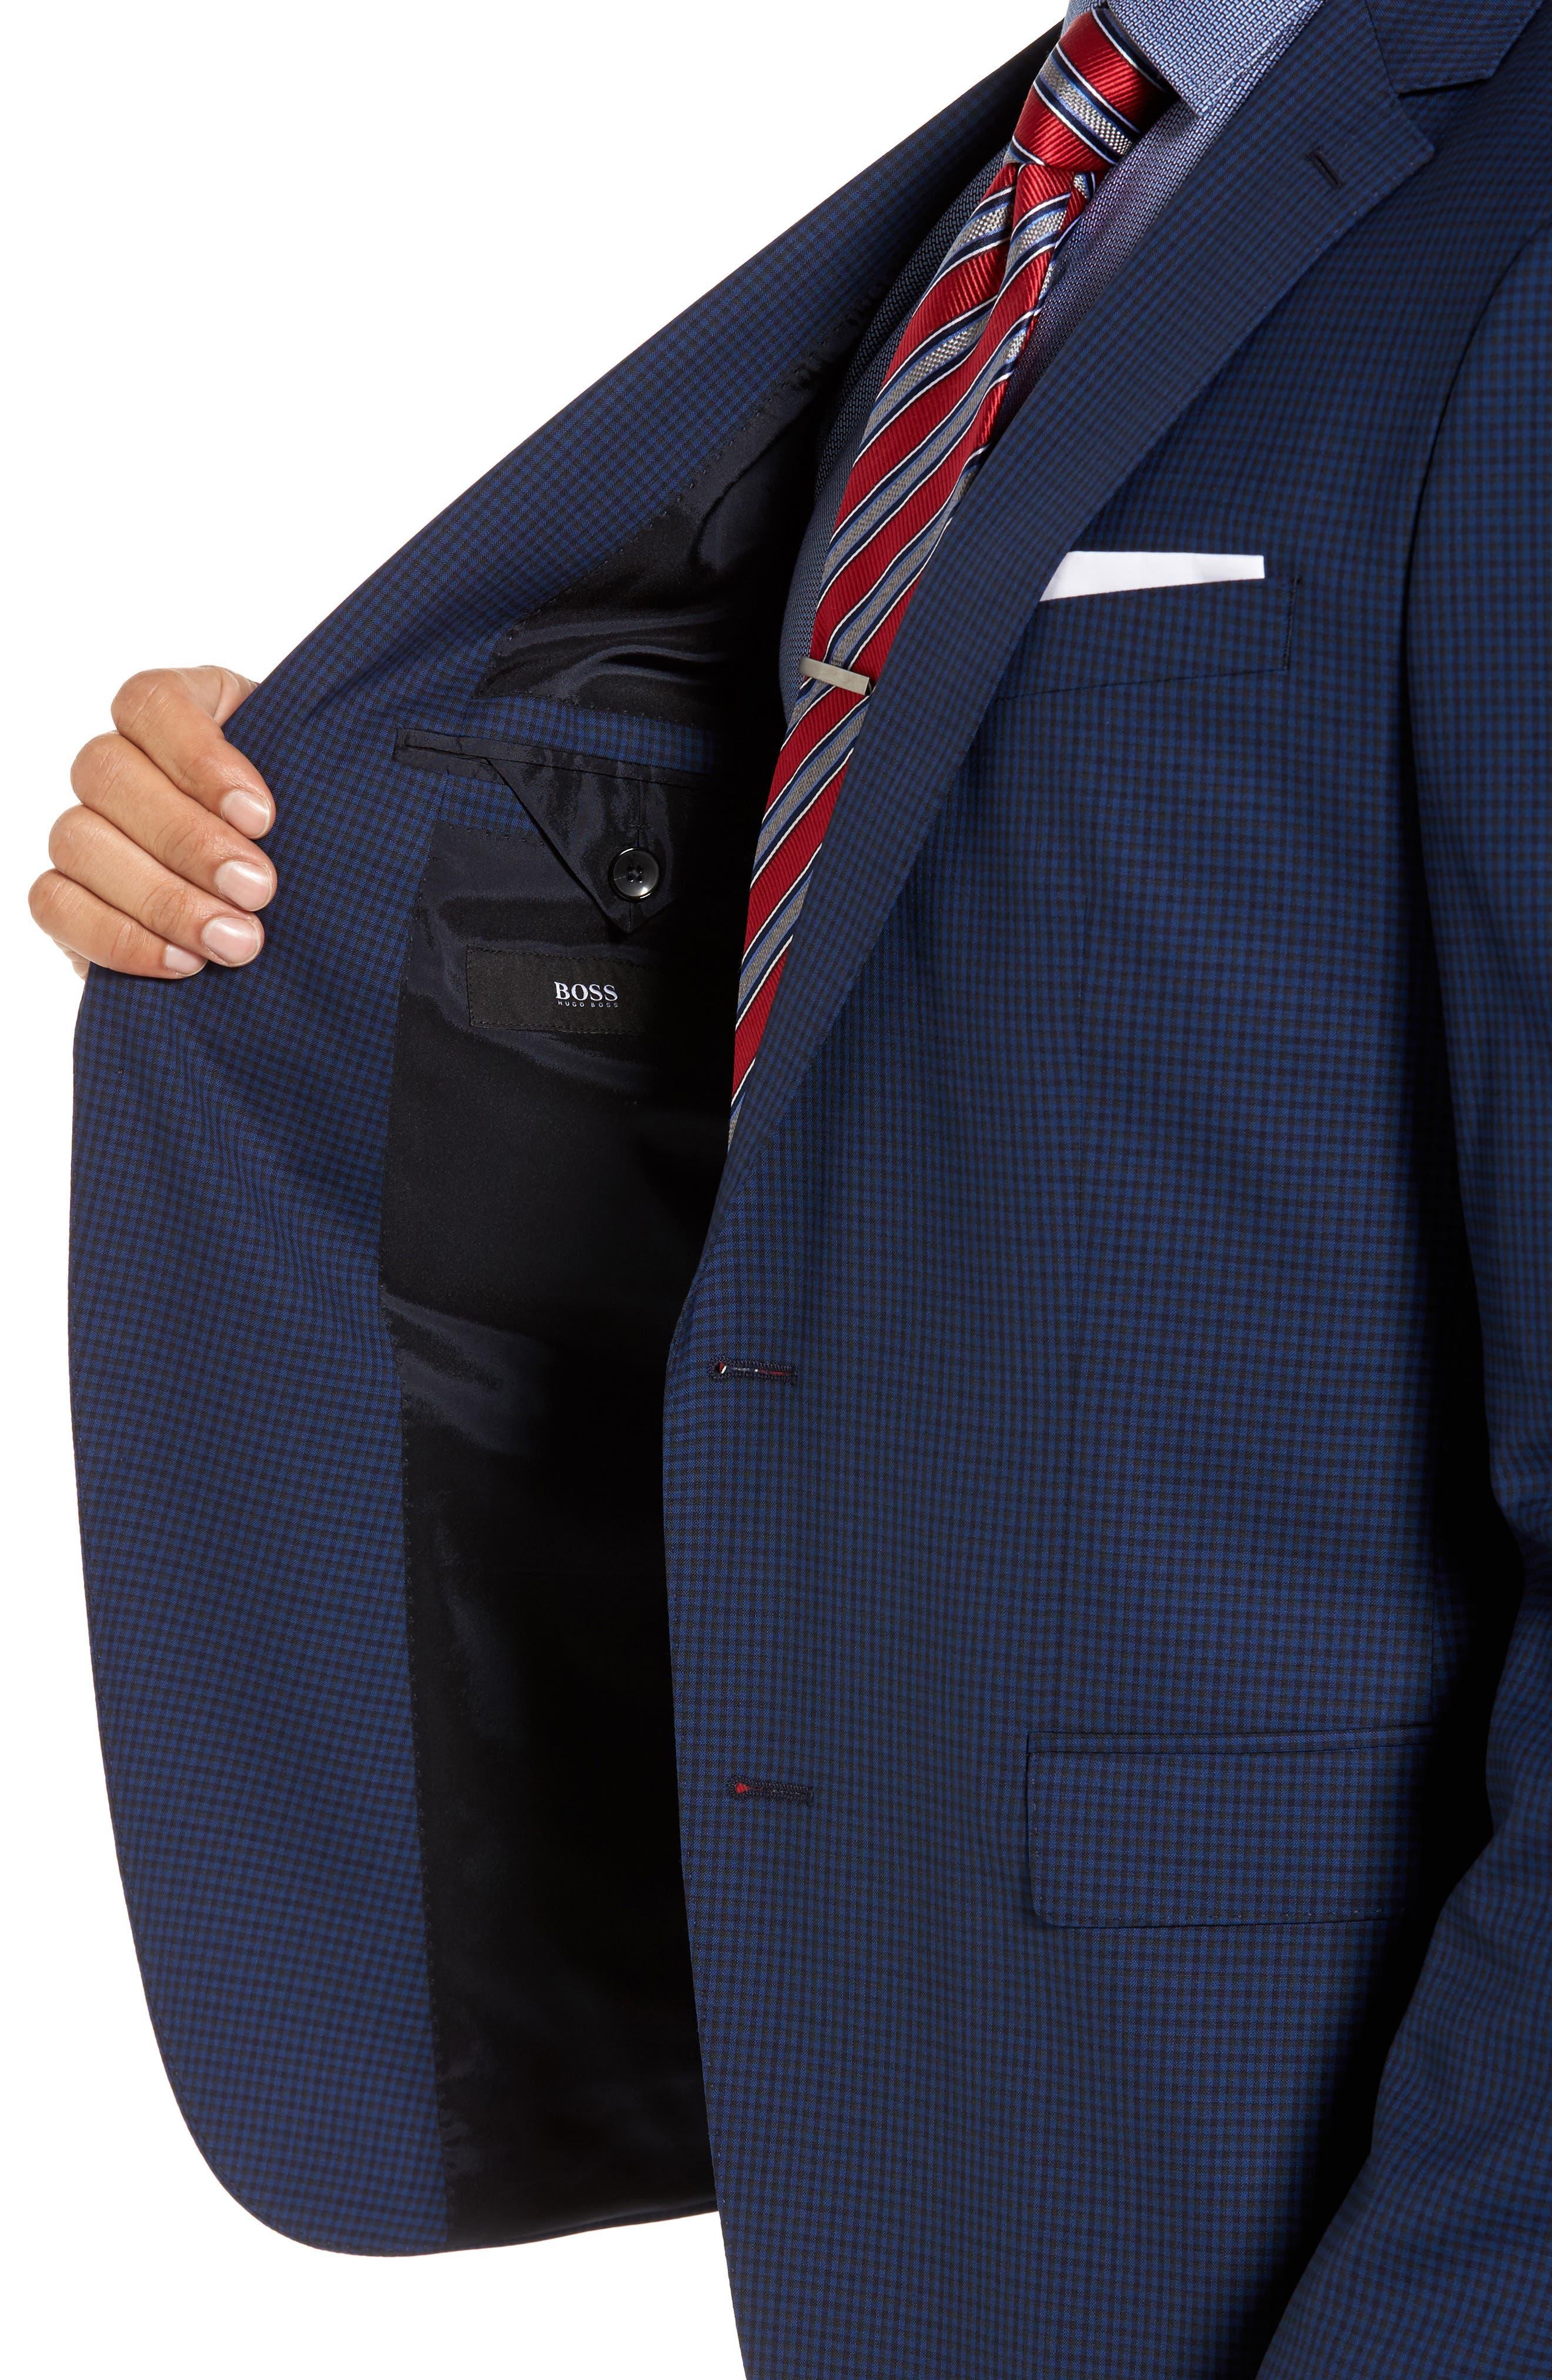 Novan/Ben Trim Fit Check Wool Suit,                             Alternate thumbnail 4, color,                             409